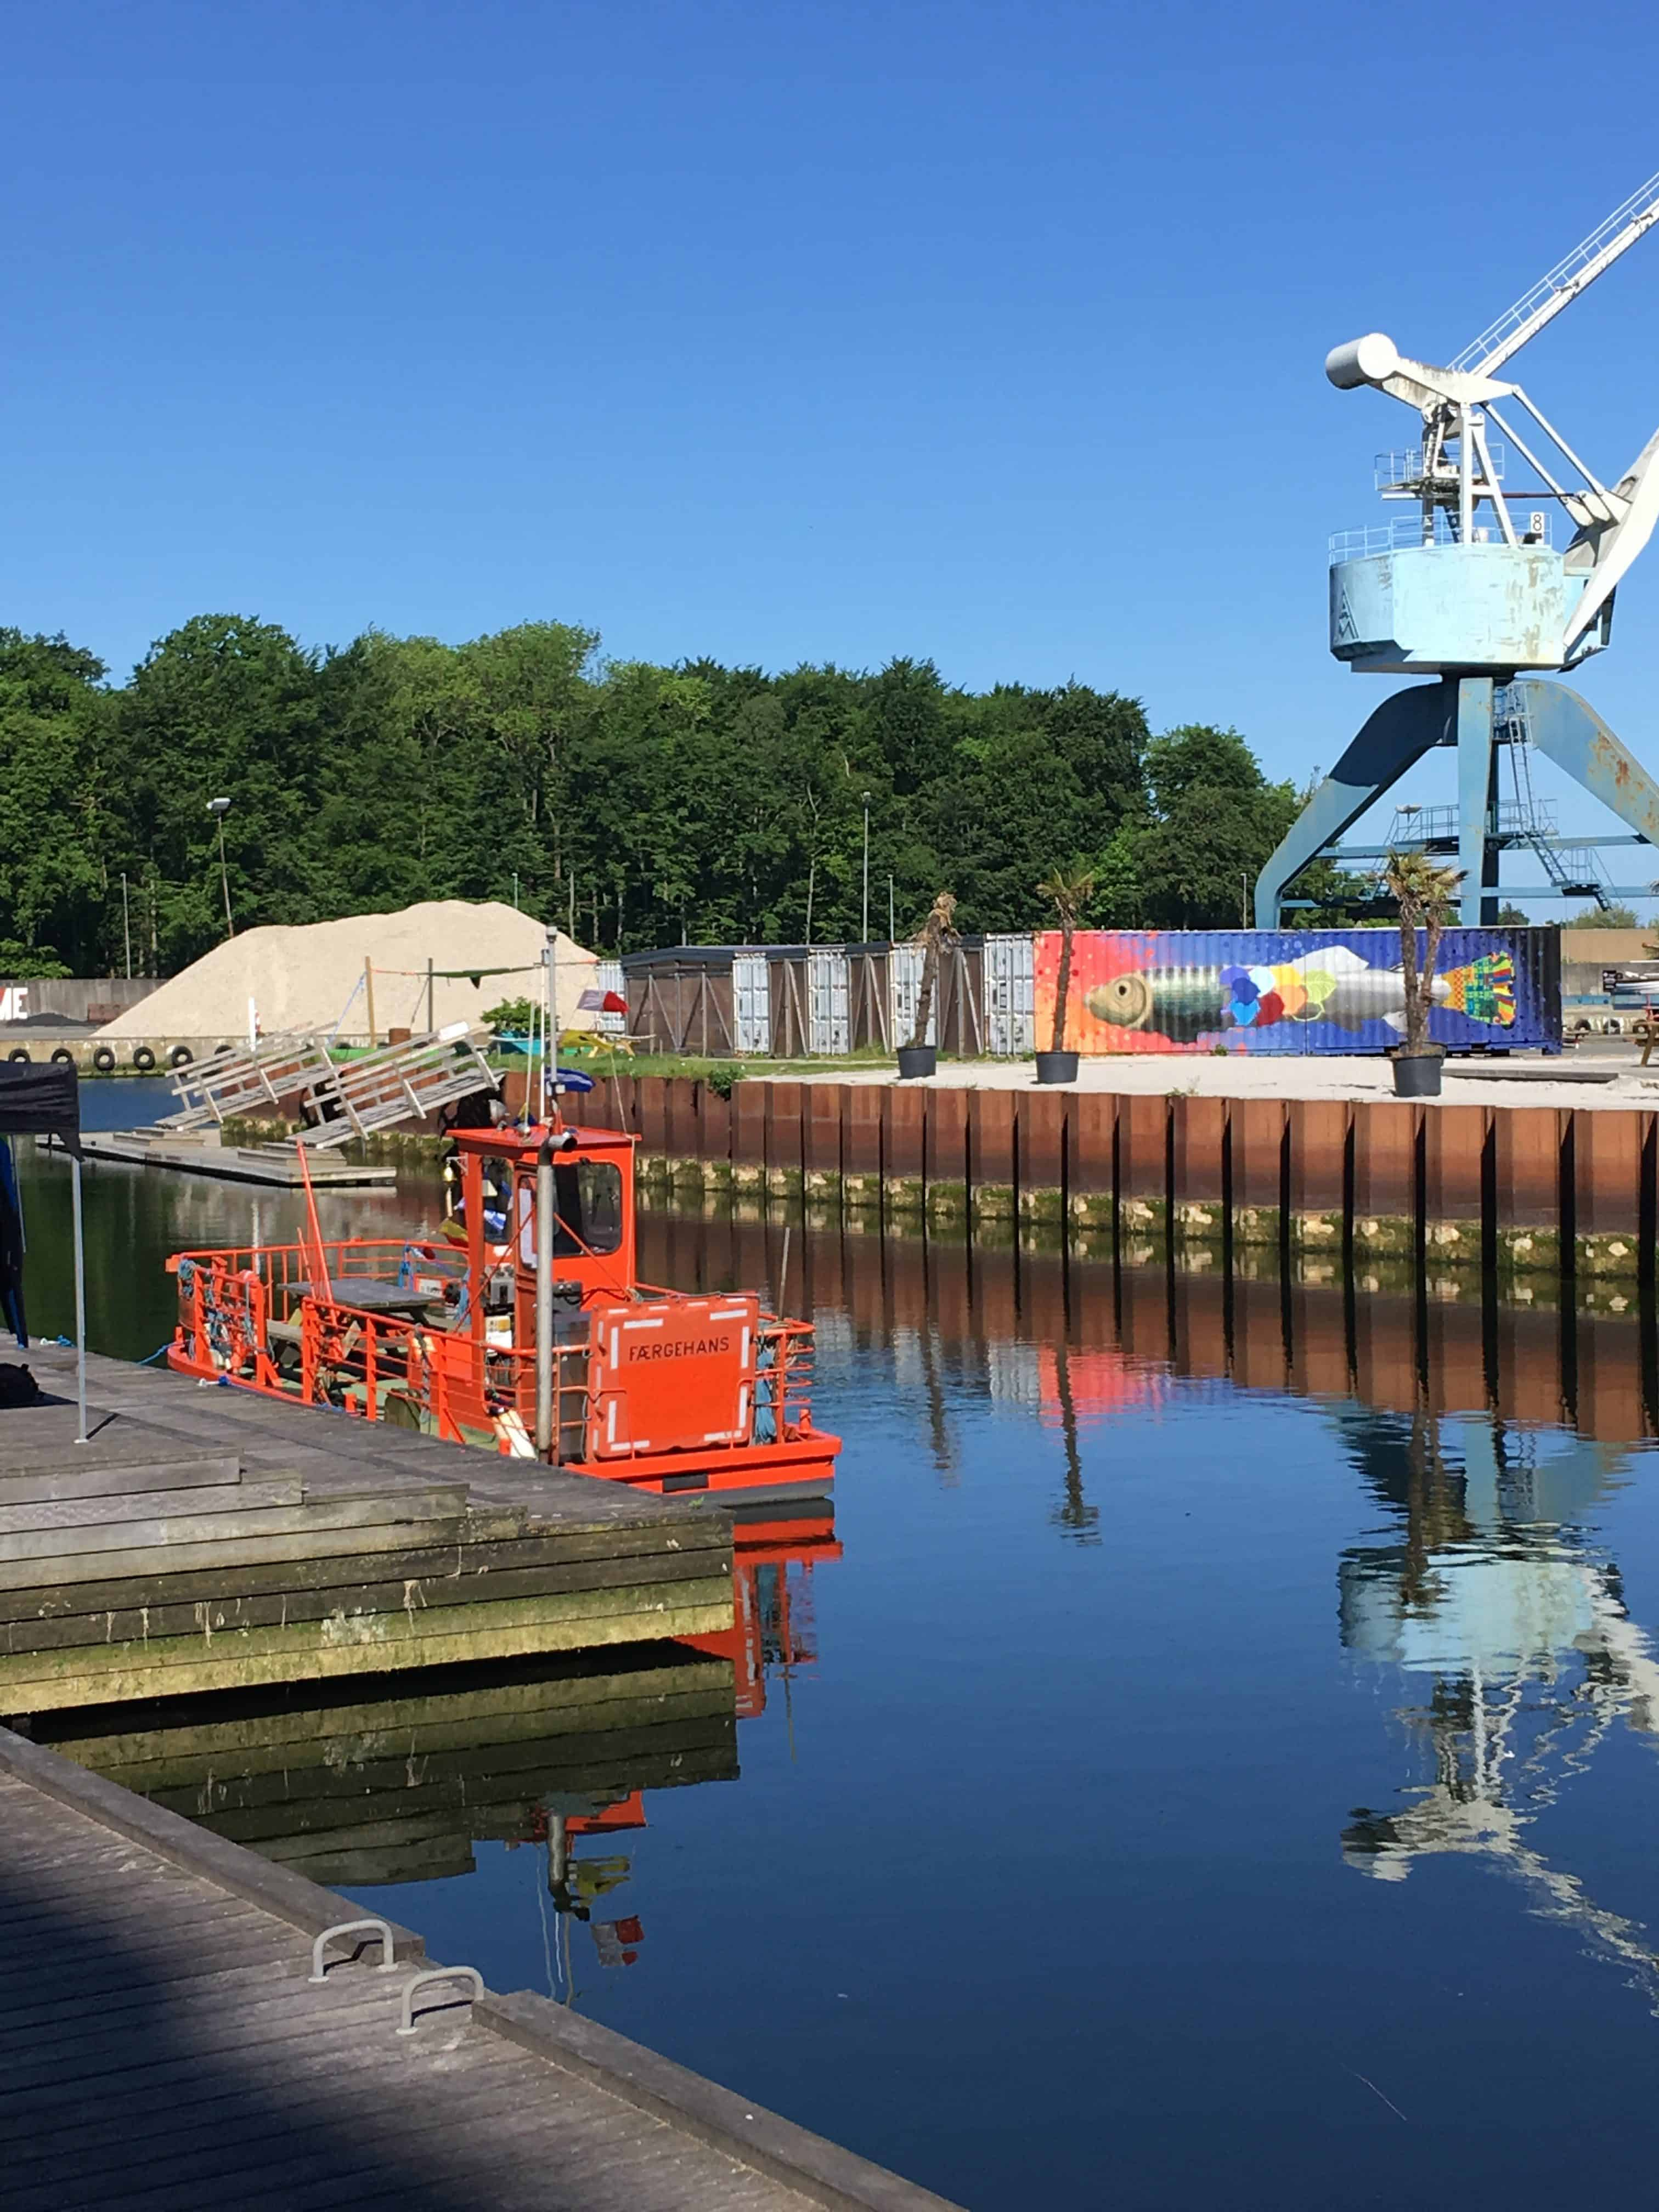 Færgehans er klar til at sejle de besøgende rundt